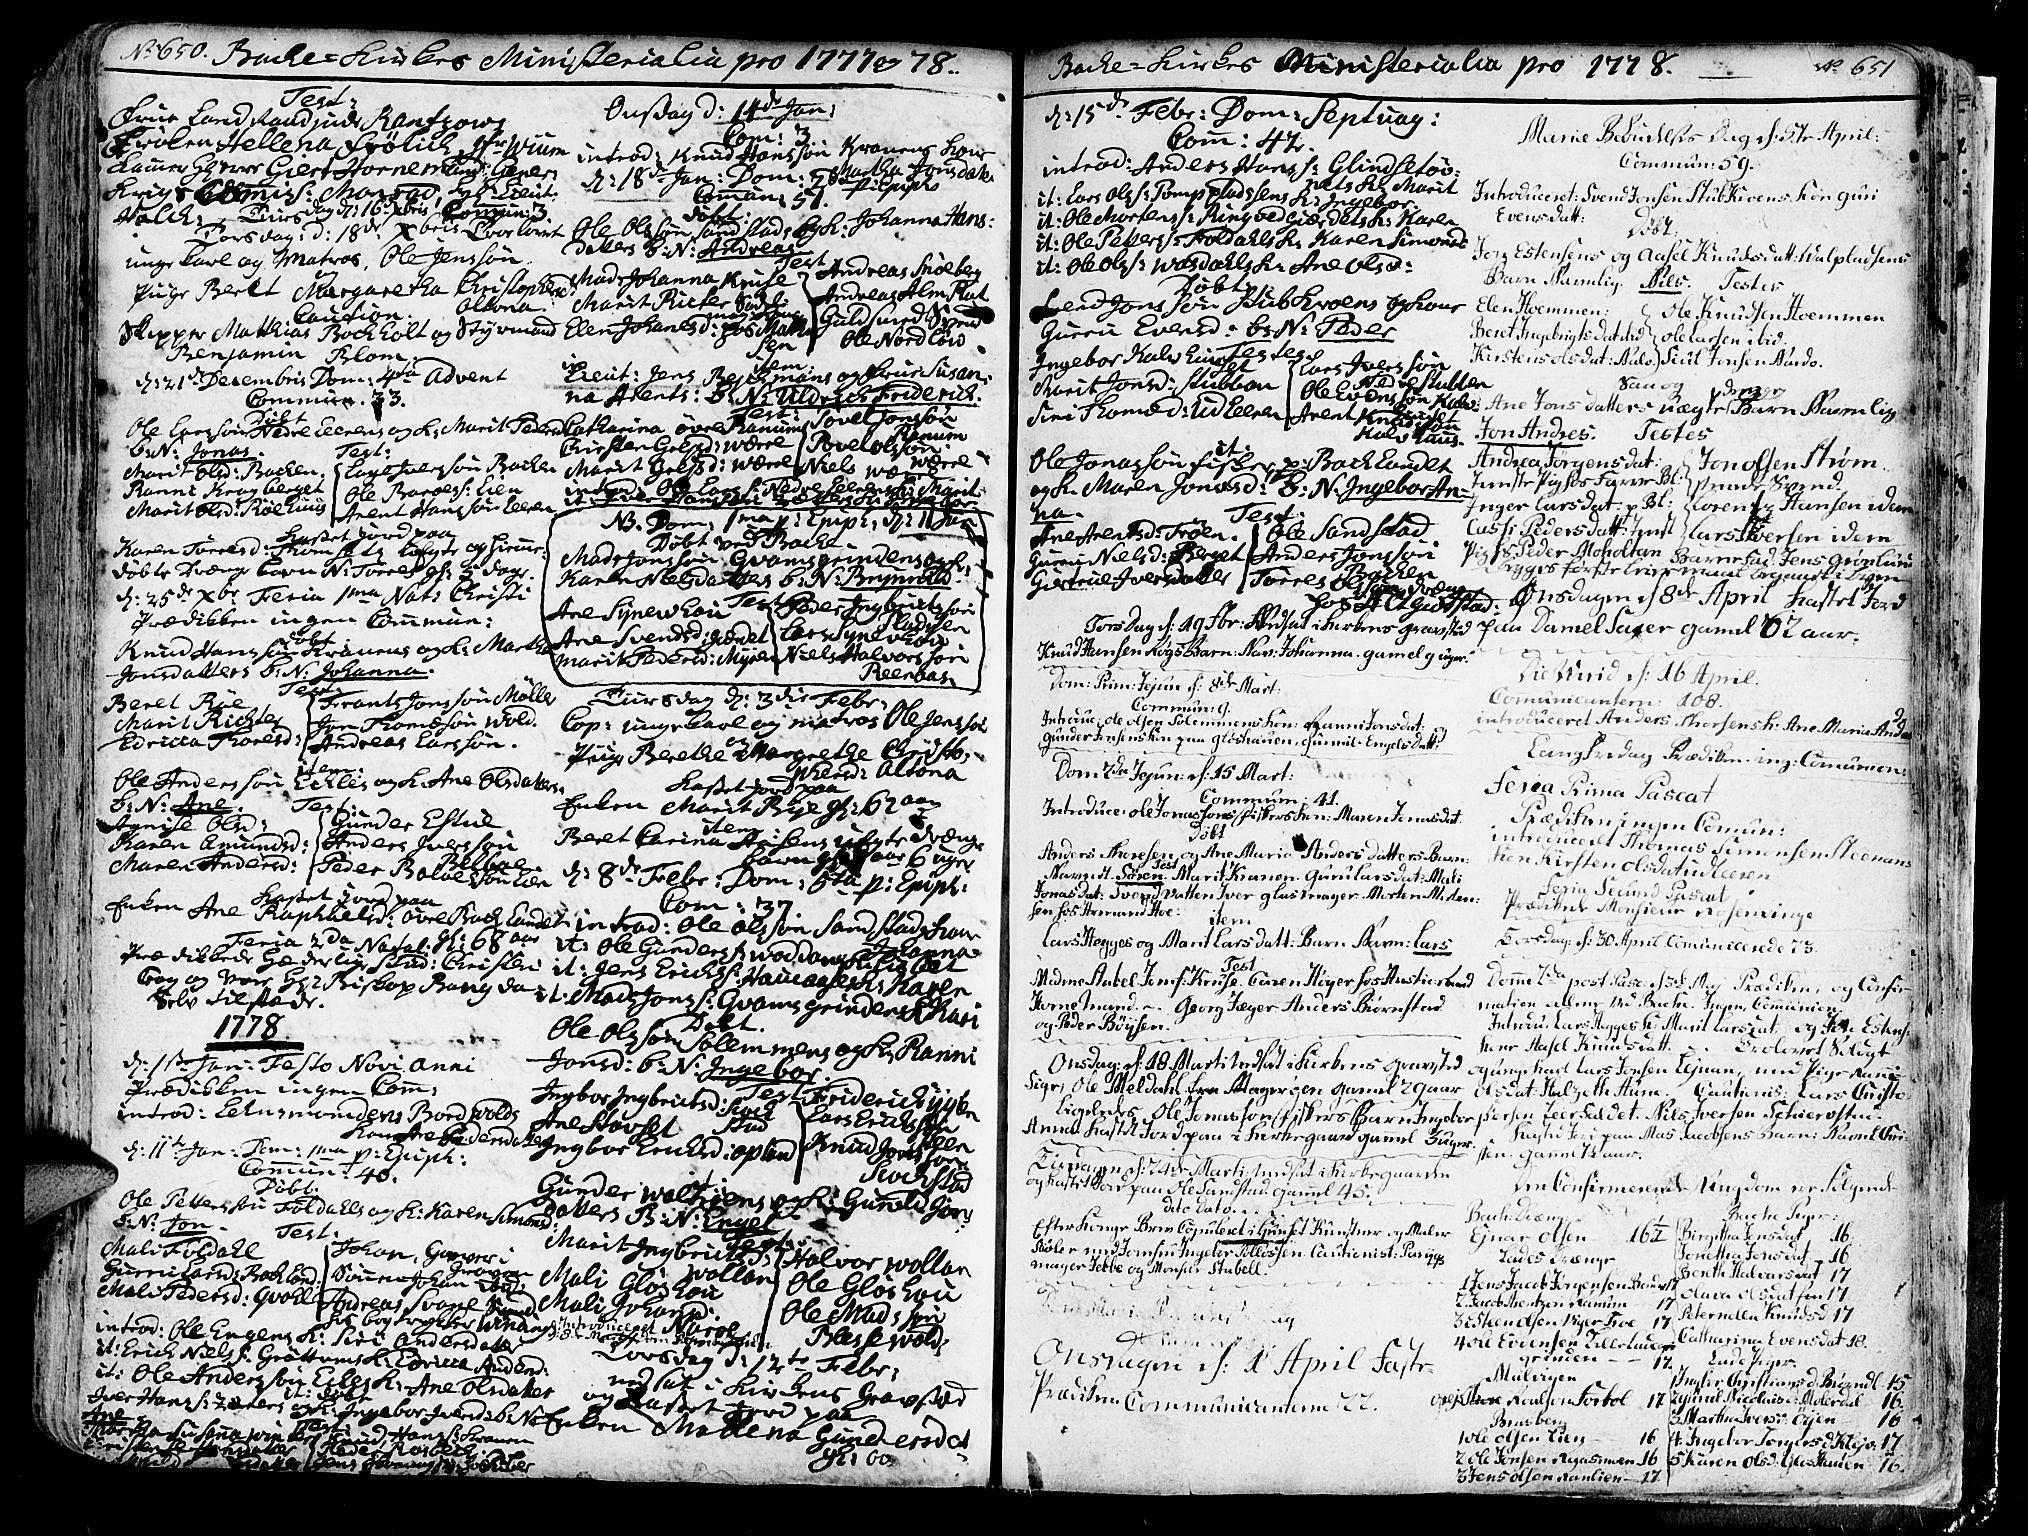 SAT, Ministerialprotokoller, klokkerbøker og fødselsregistre - Sør-Trøndelag, 606/L0276: Ministerialbok nr. 606A01 /2, 1727-1779, s. 650-651